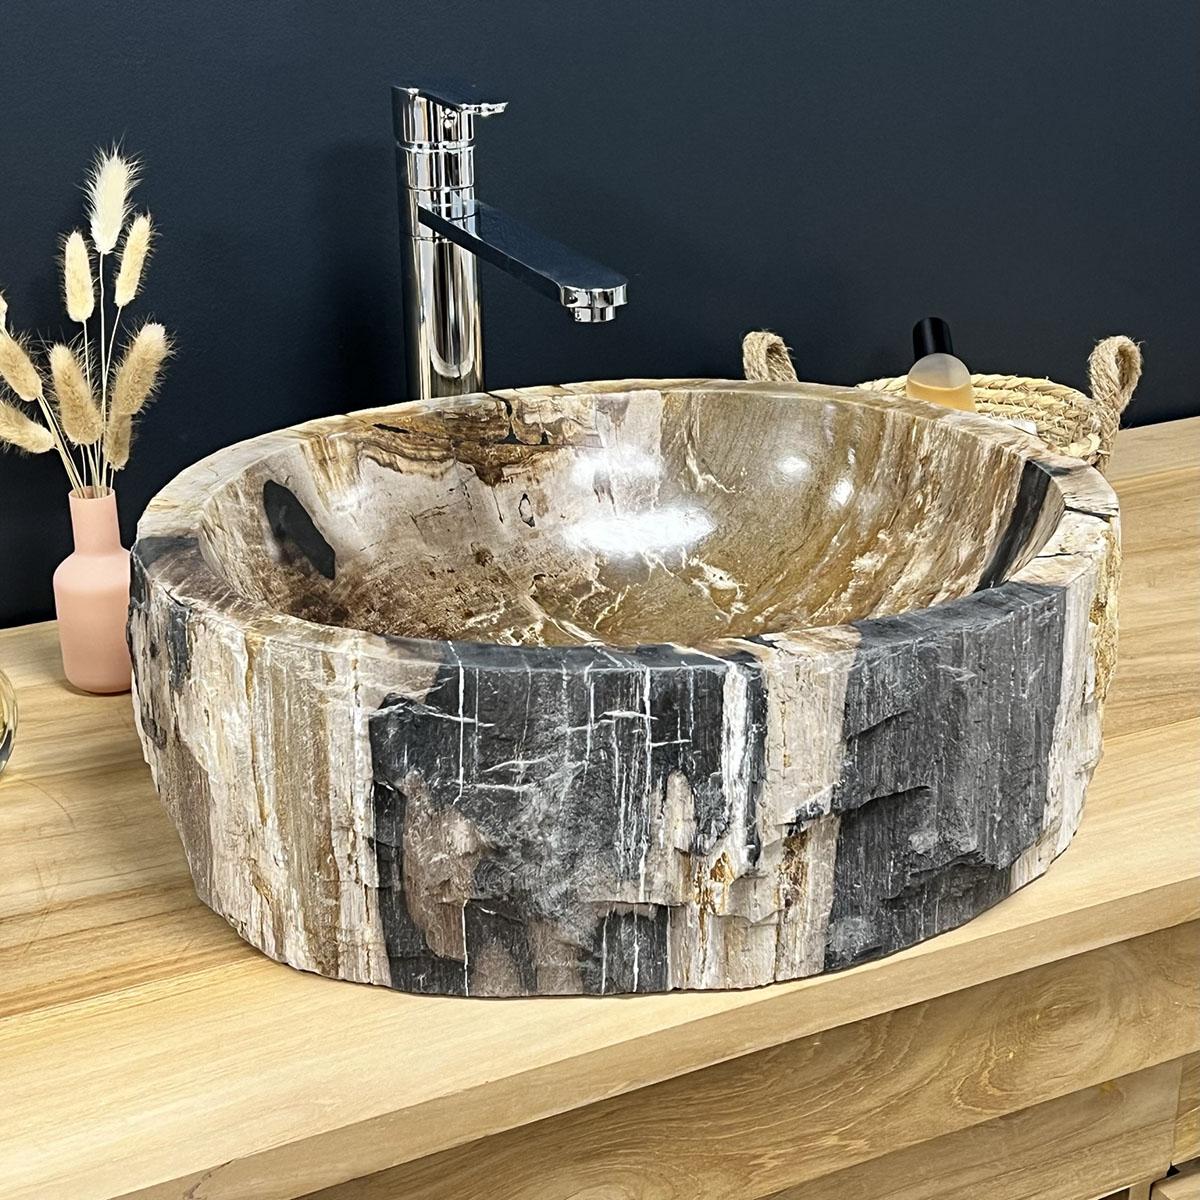 Double vasques de salle de bain en bois p trifi fossilis for Bain en bois exterieur